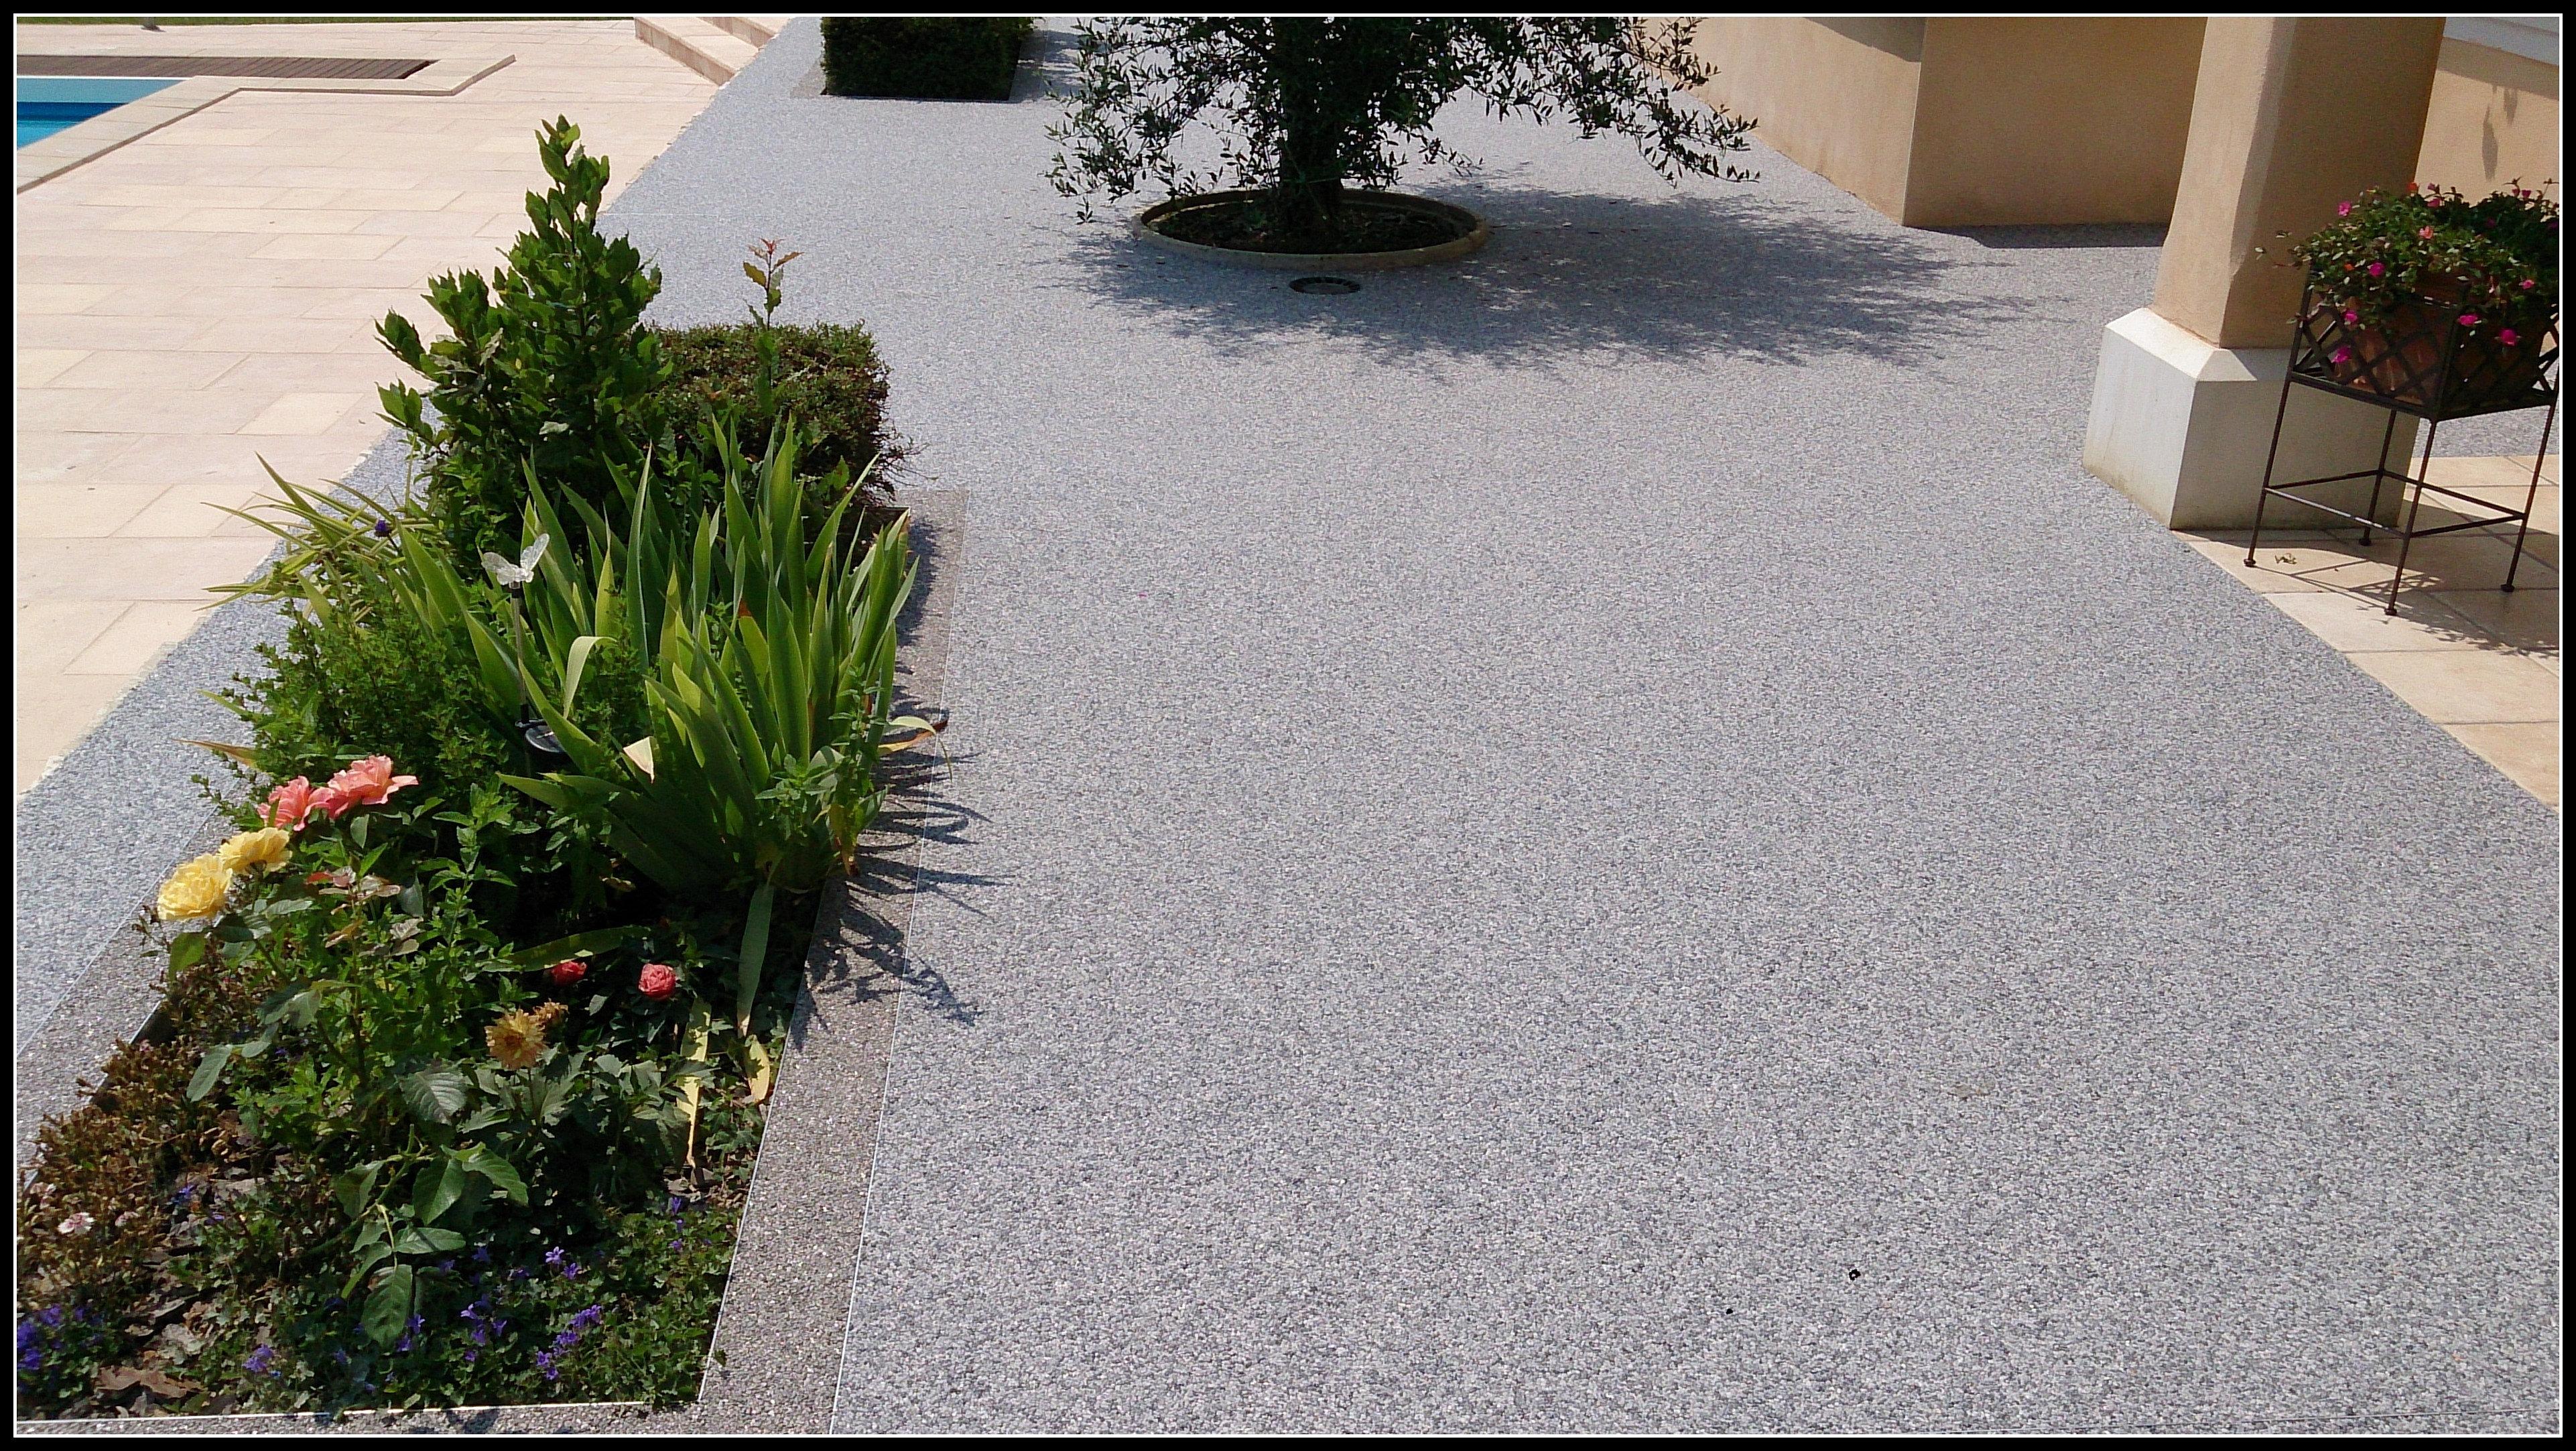 gravier resine revetement sol exterieur resine 3d matieres stone marbre. Black Bedroom Furniture Sets. Home Design Ideas